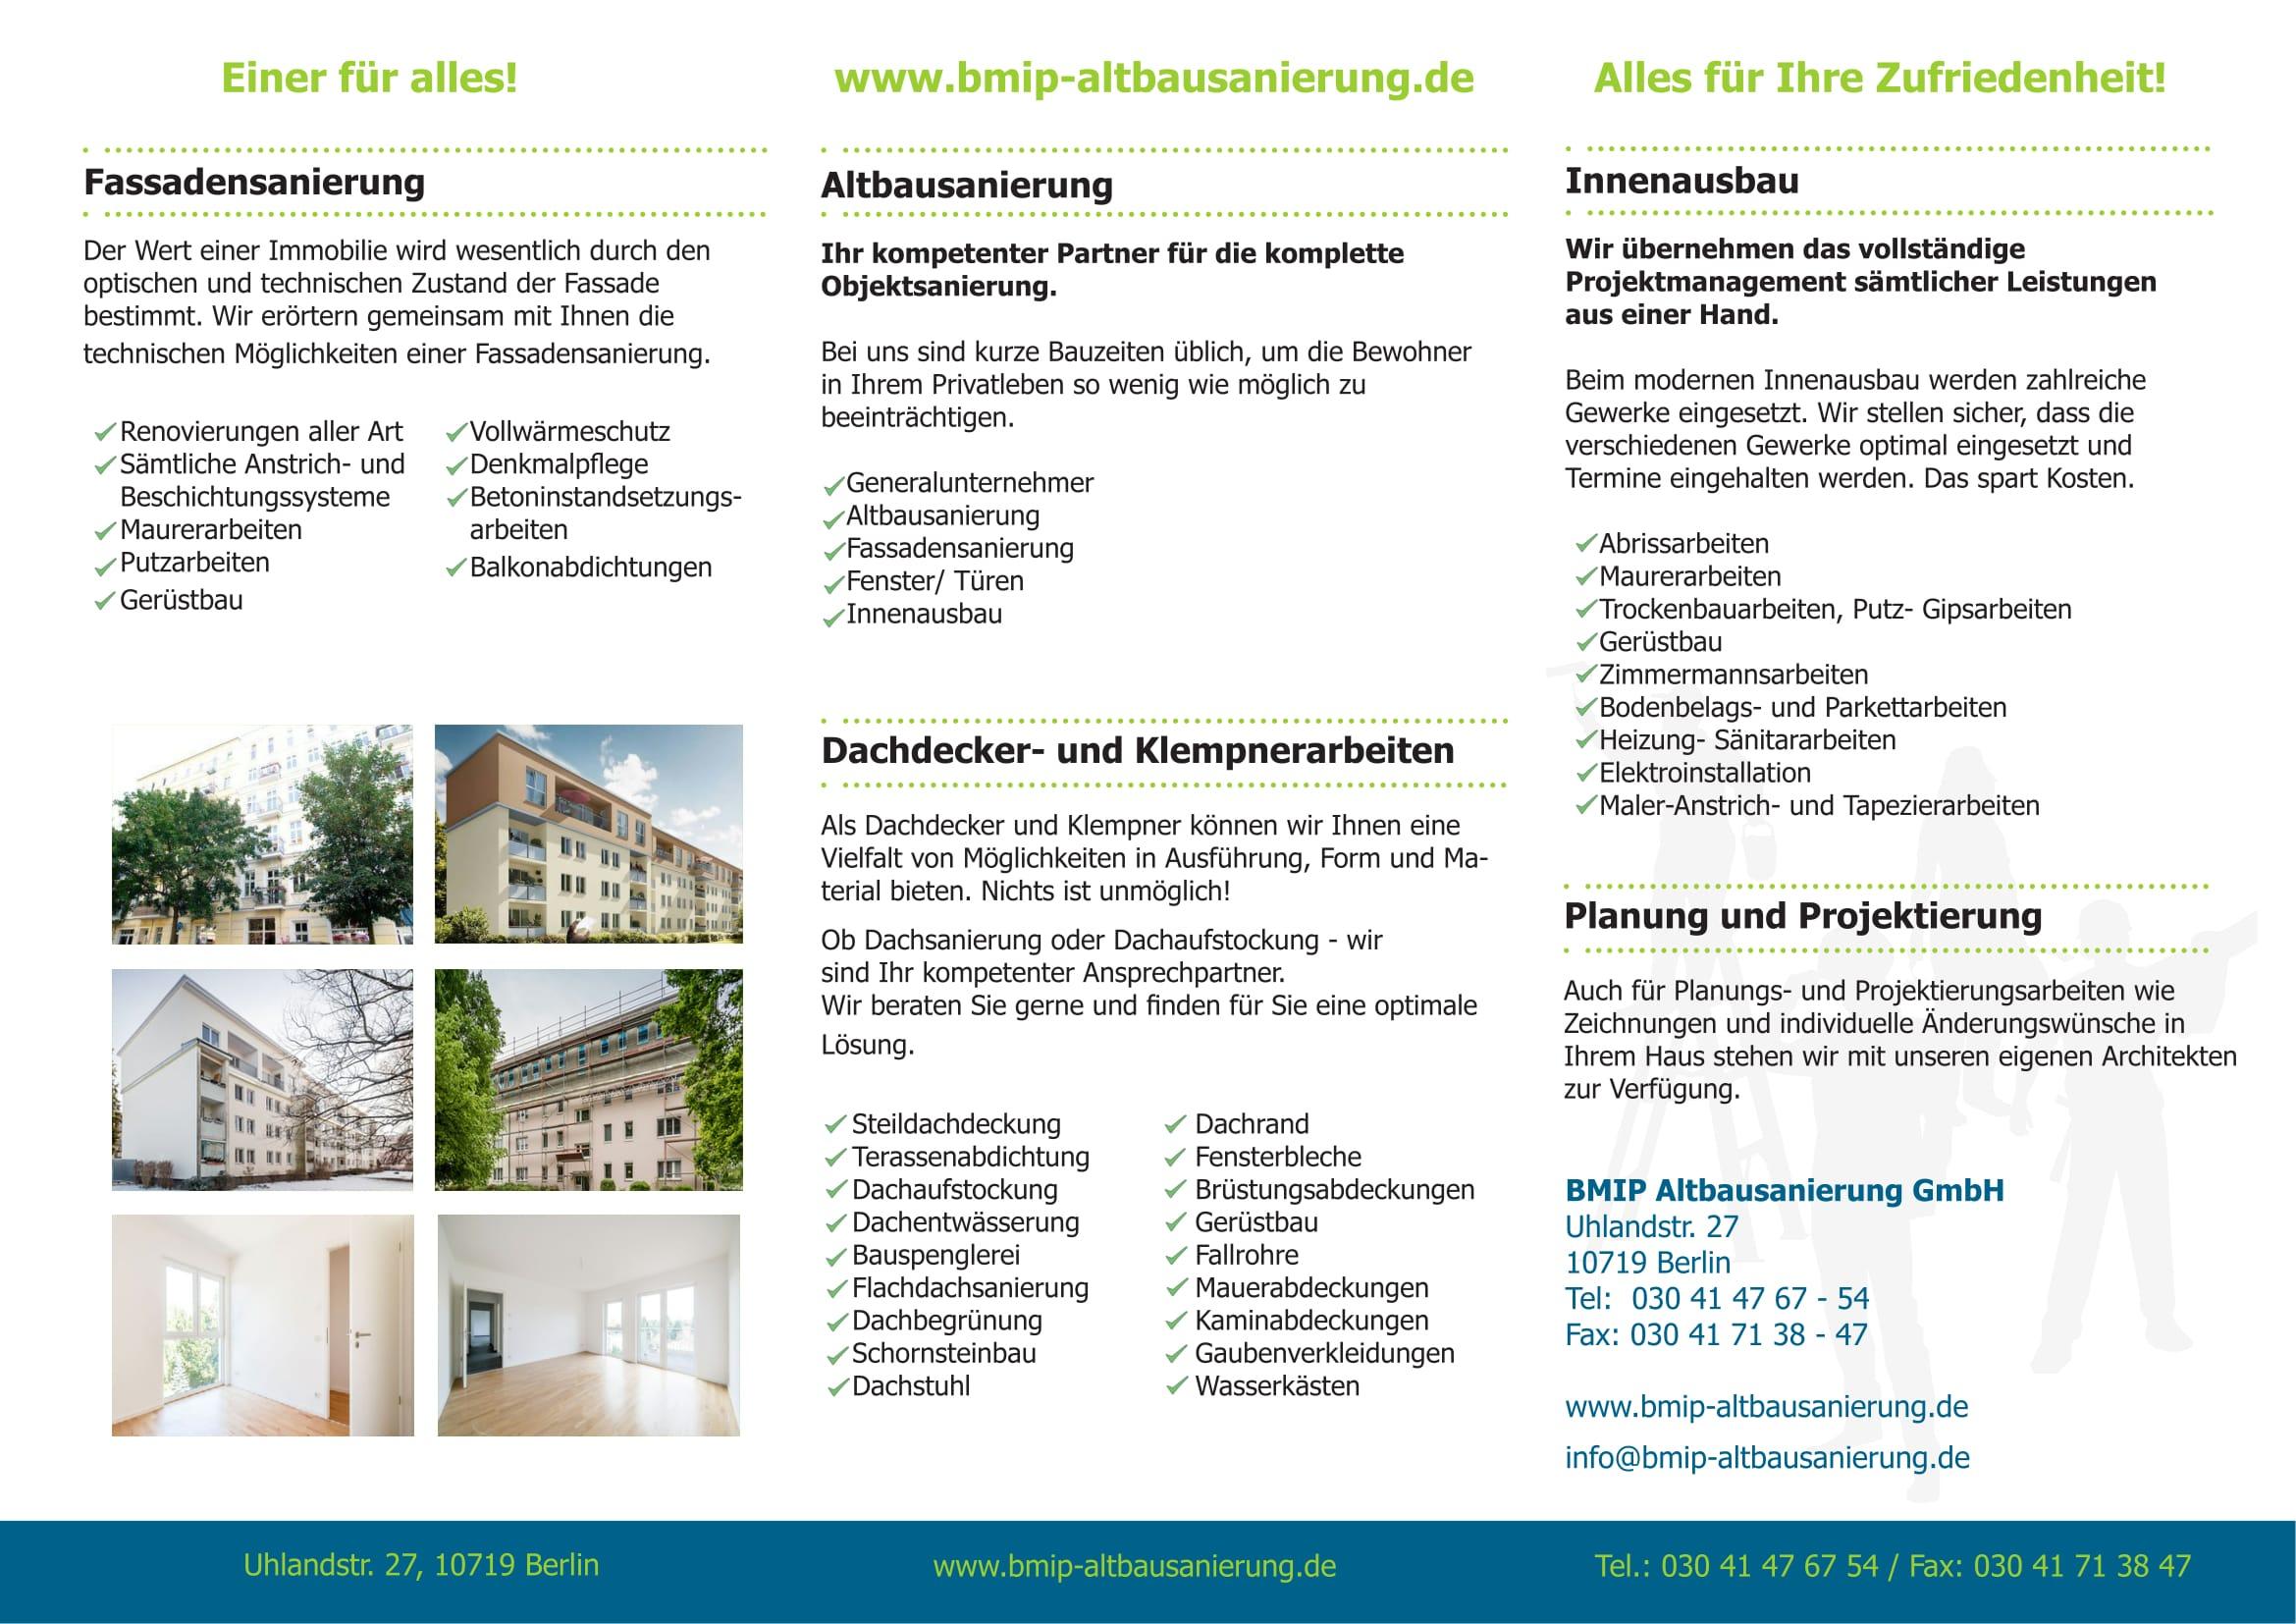 BMIP Altbausanierung GmbH - Flyer-2